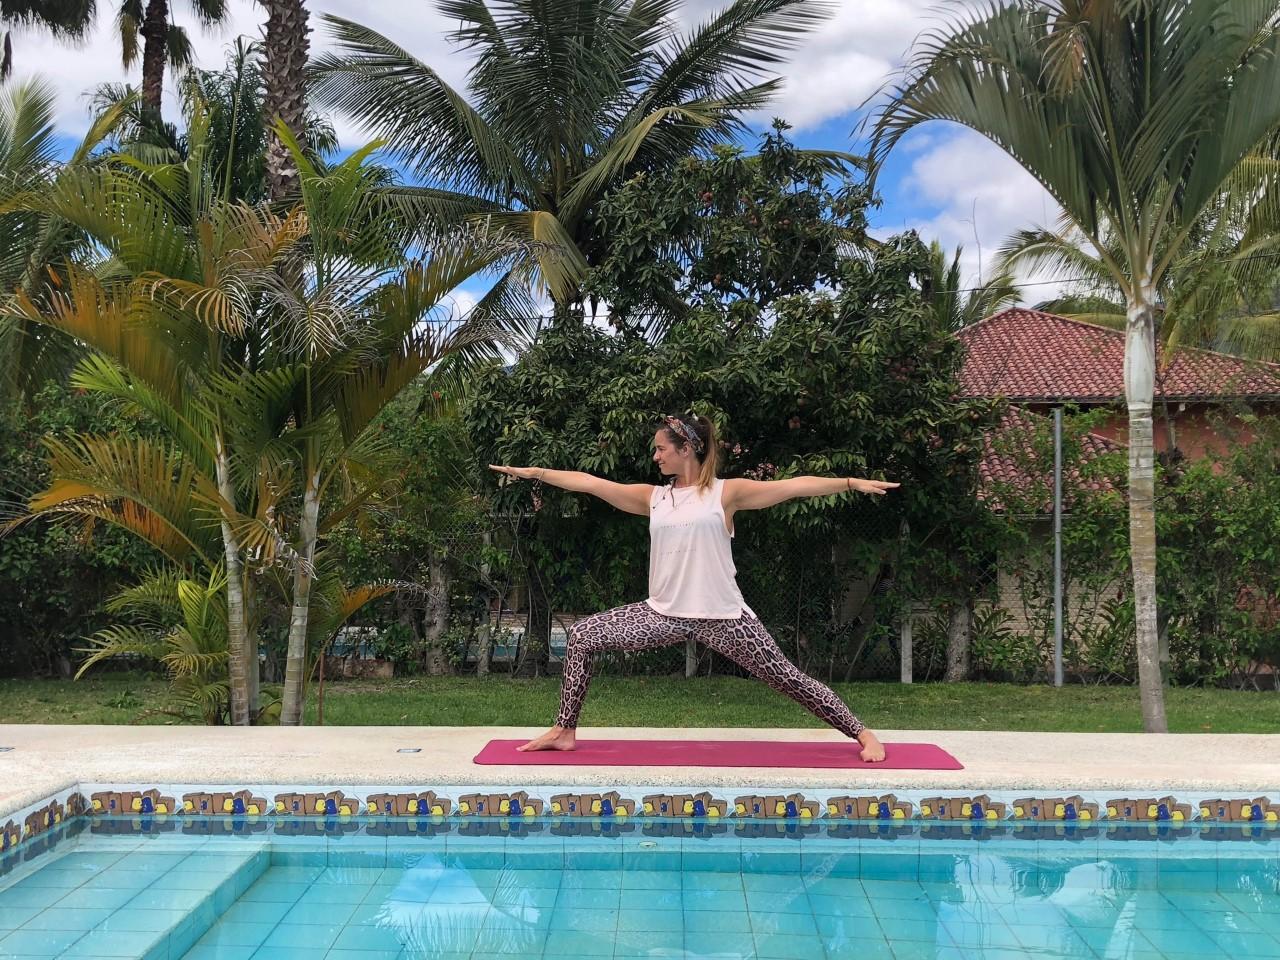 Lead yoga teacher for June 24 - 30